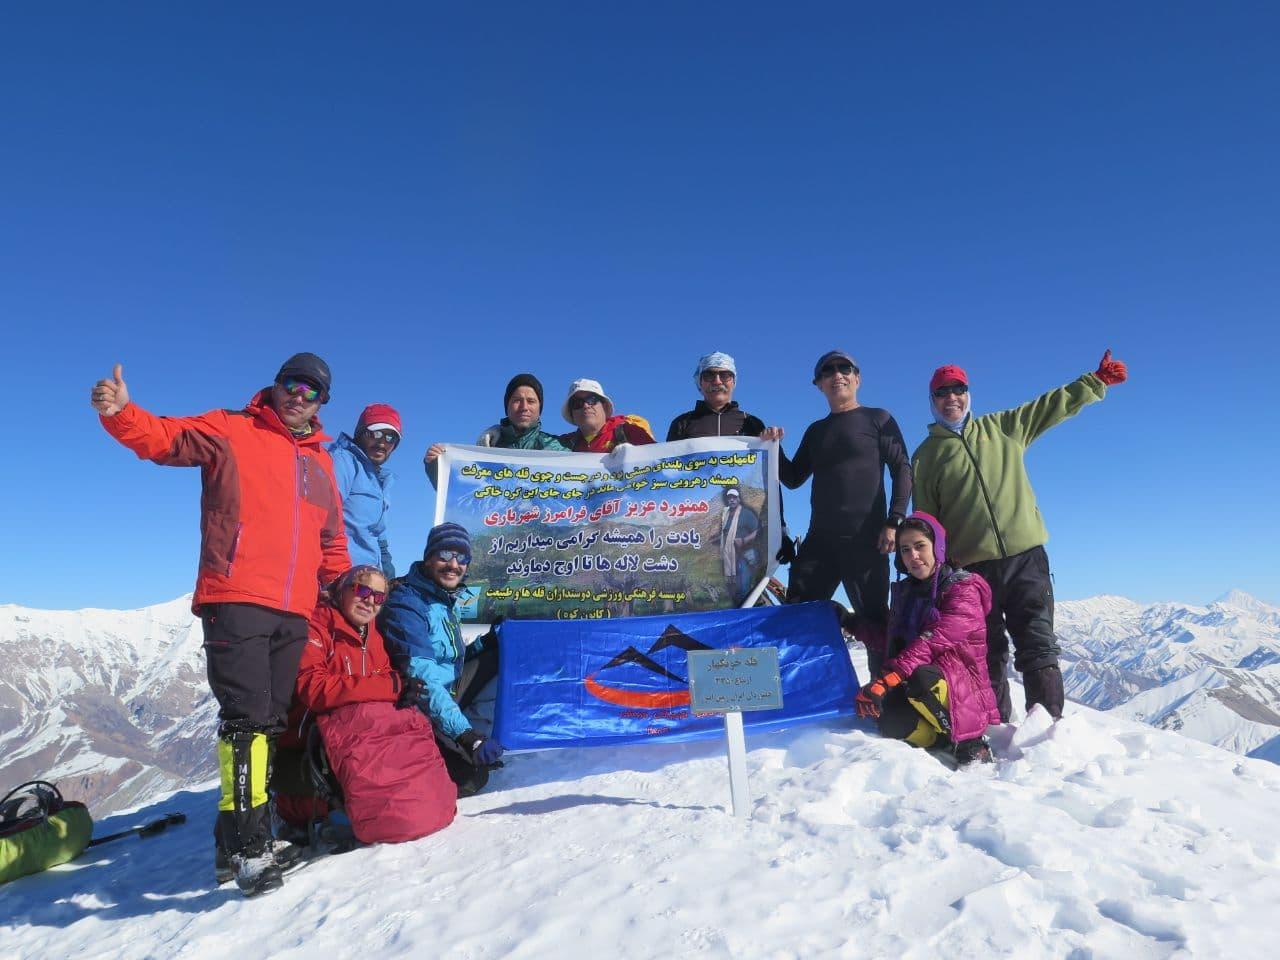 صعود کوهنوردان کانون کوه به قله خونکهار  به یاد یاران فرامرزشهریاری ،احمد نیک بیان و اسداله عفافی